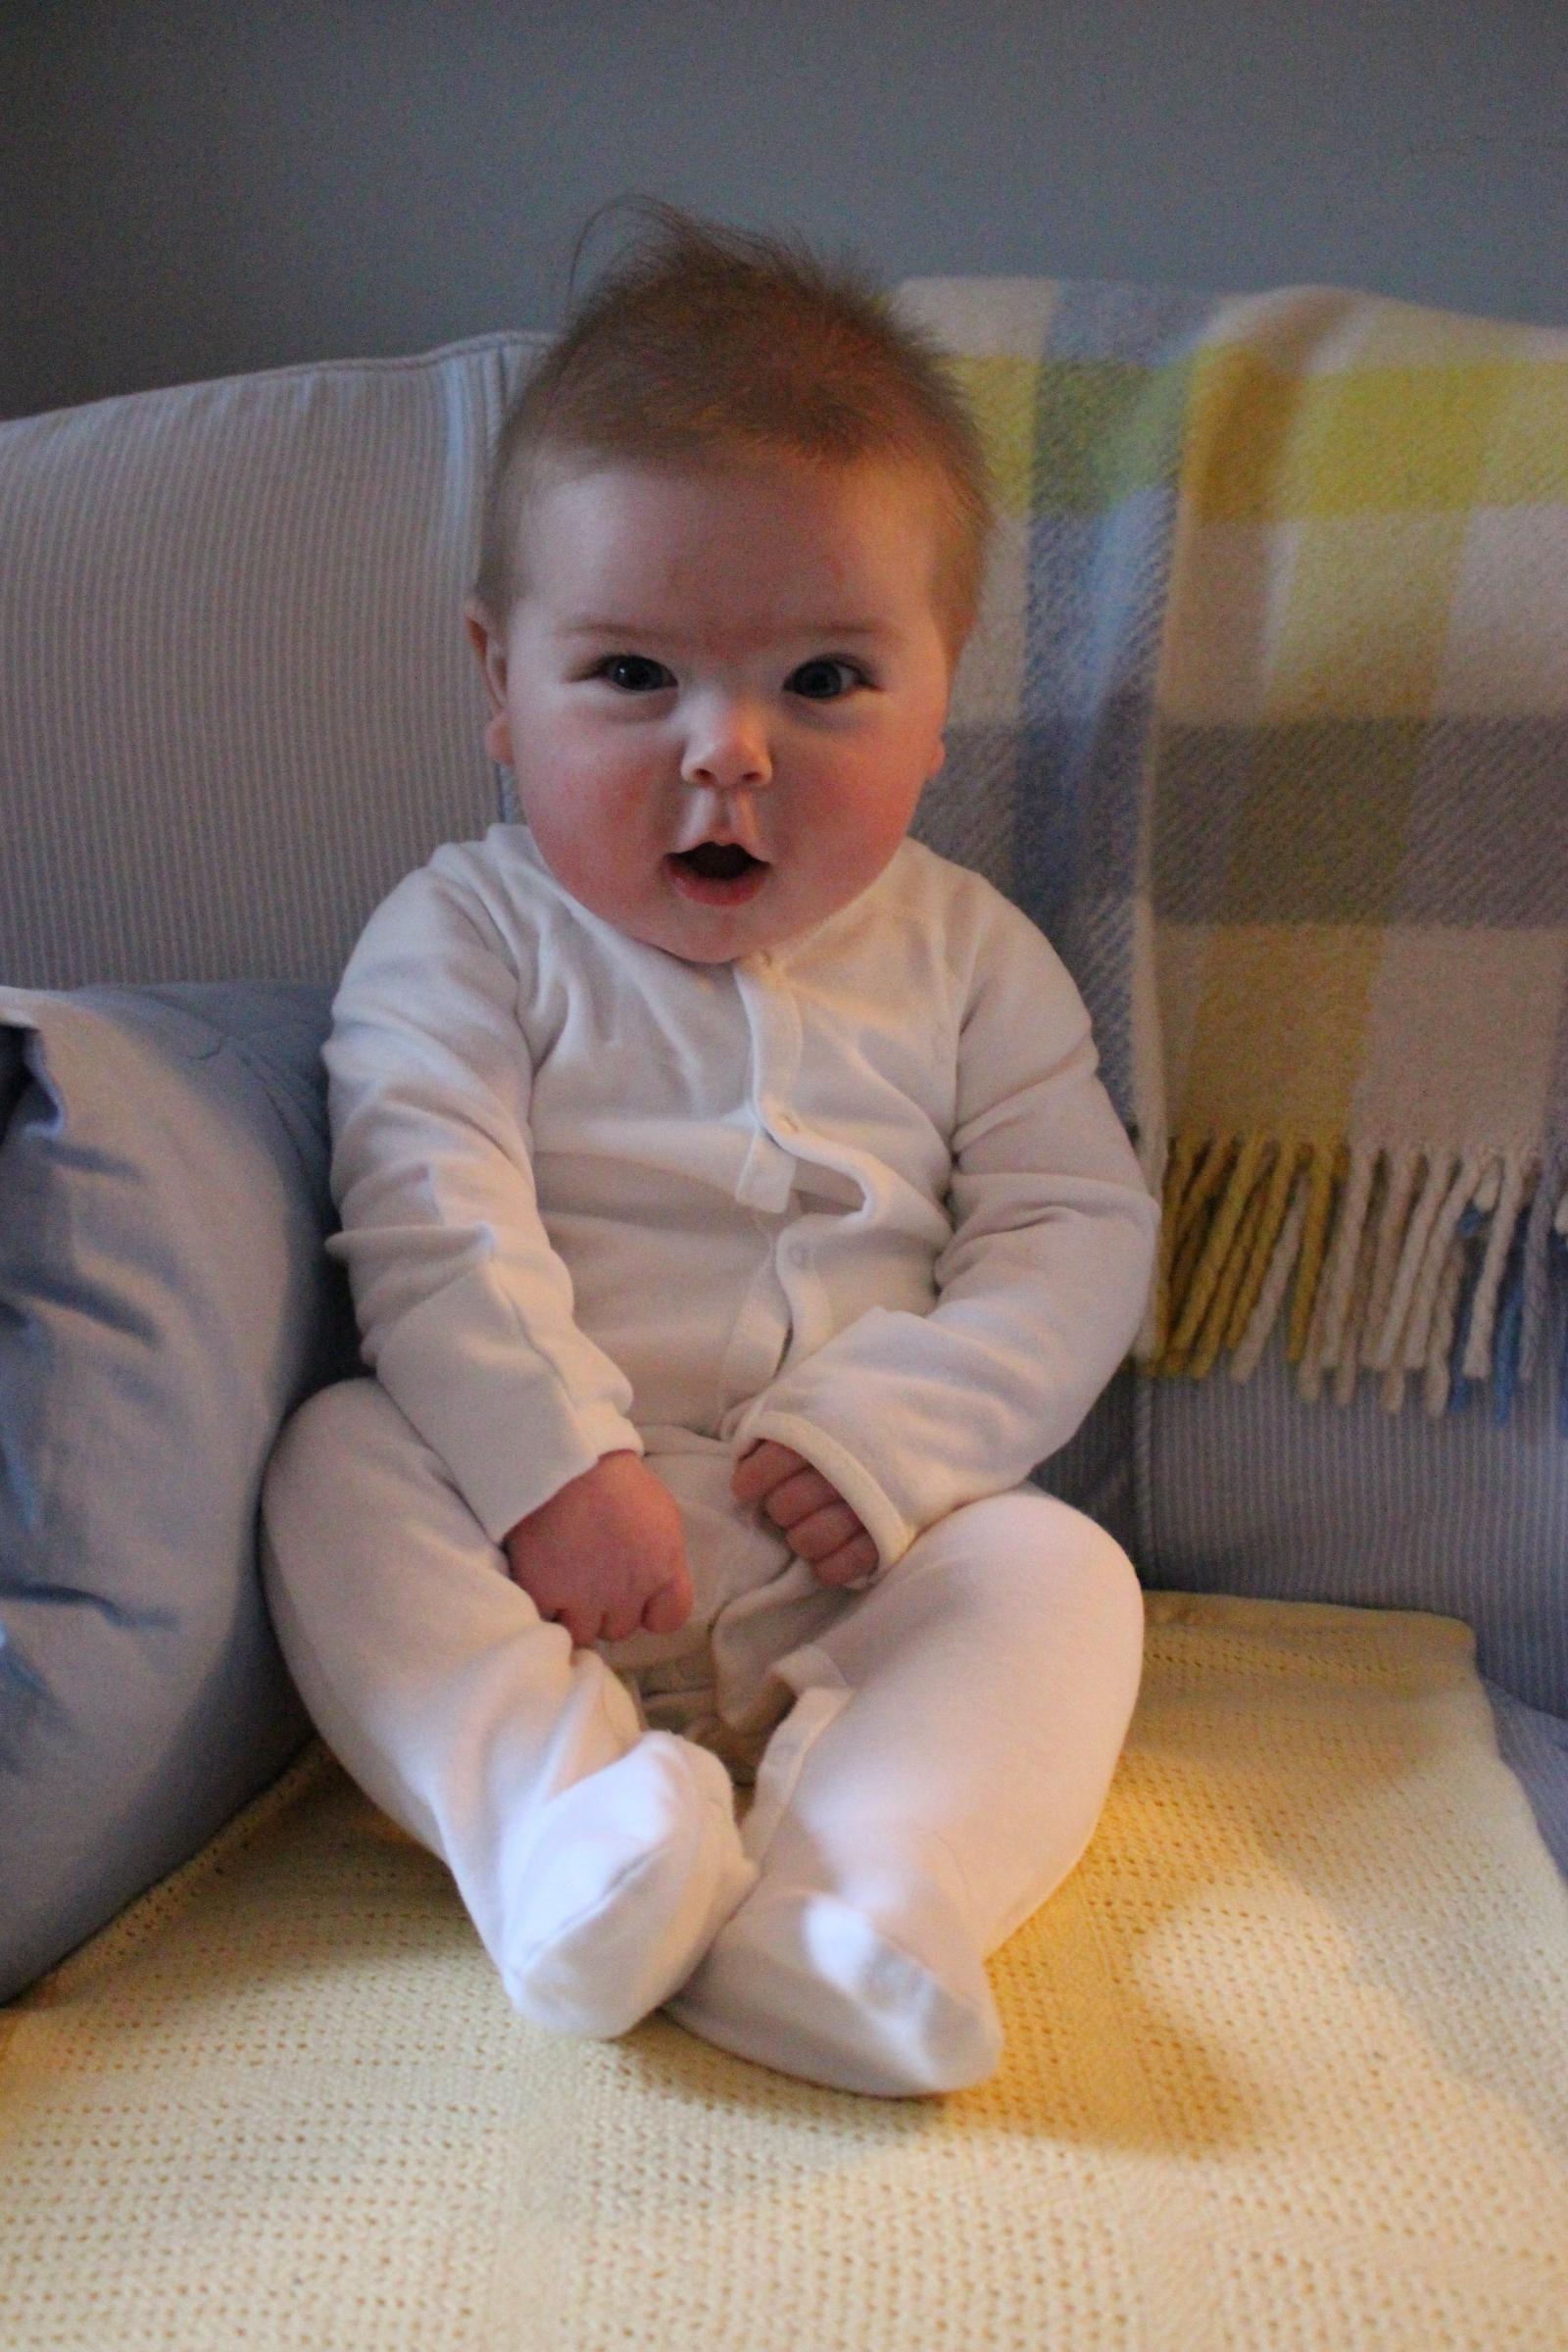 The Wonder of Babies - too cute